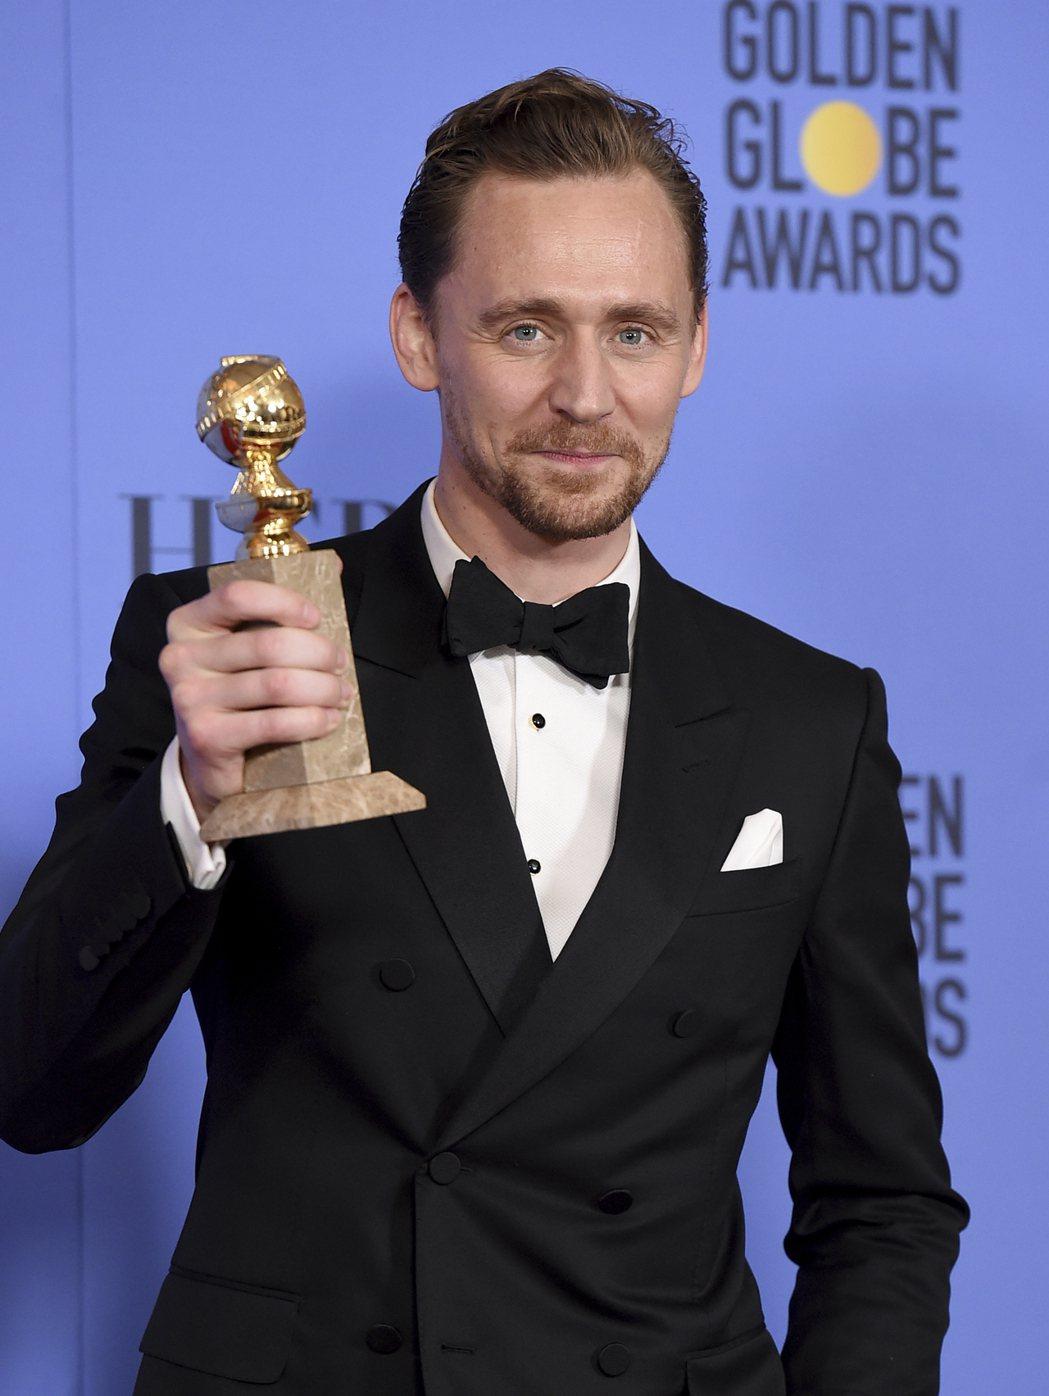 湯姆希德斯頓獲金球獎最佳電視電影或迷你影集男主角獎。圖/美聯社